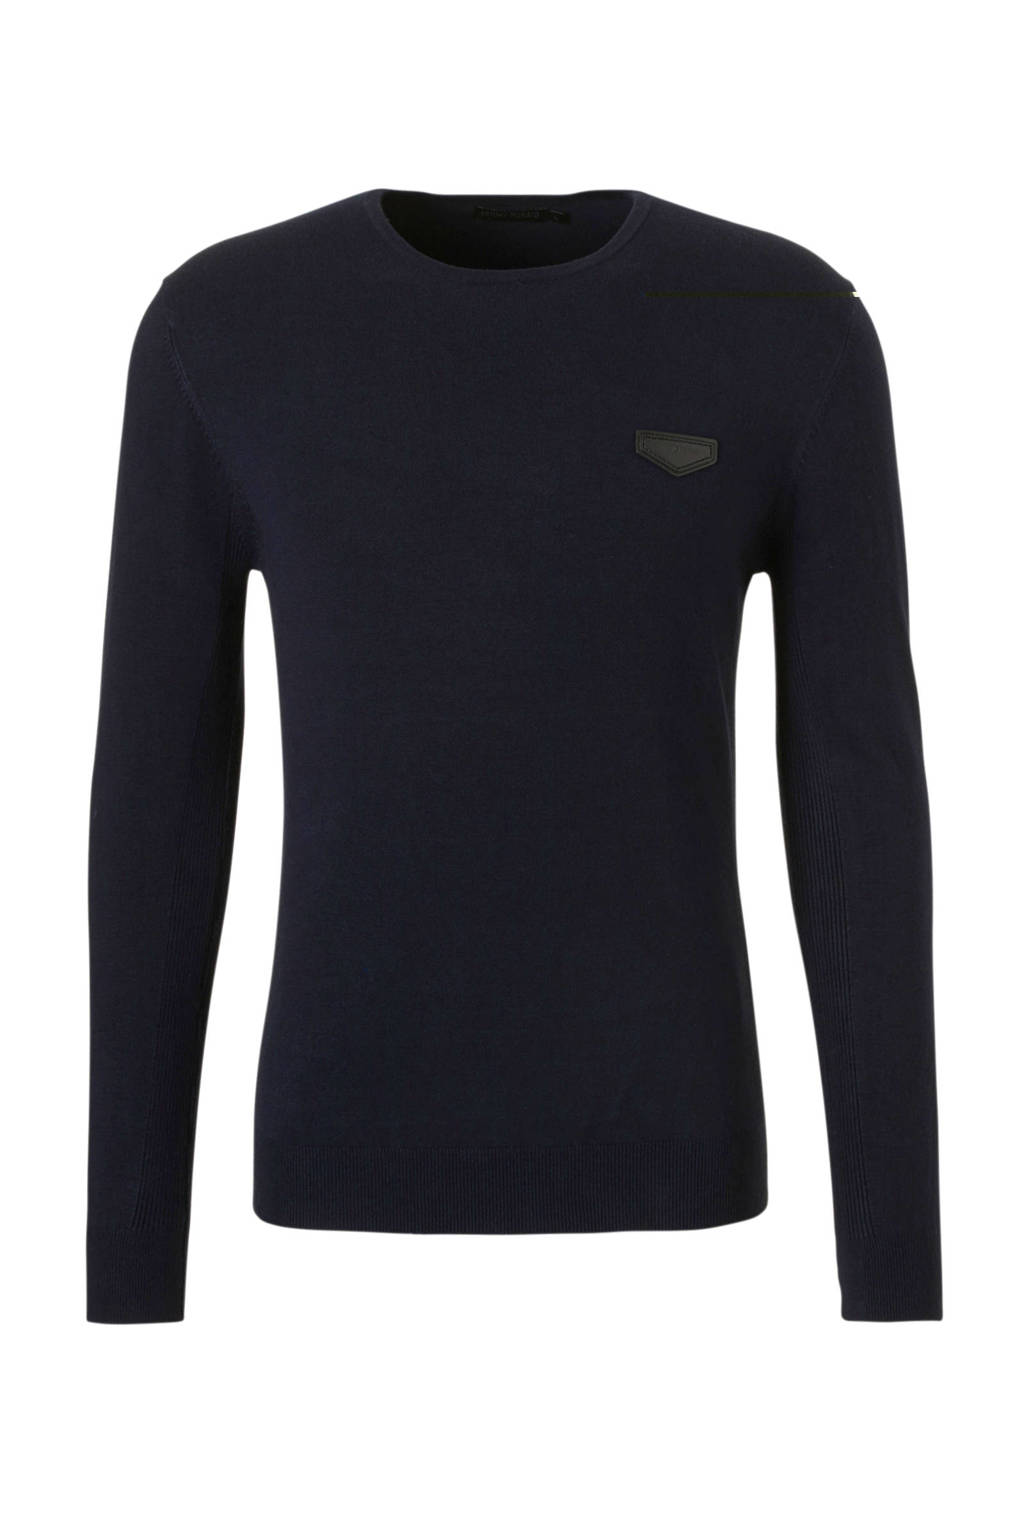 Antony Morato trui, Donkerblauw